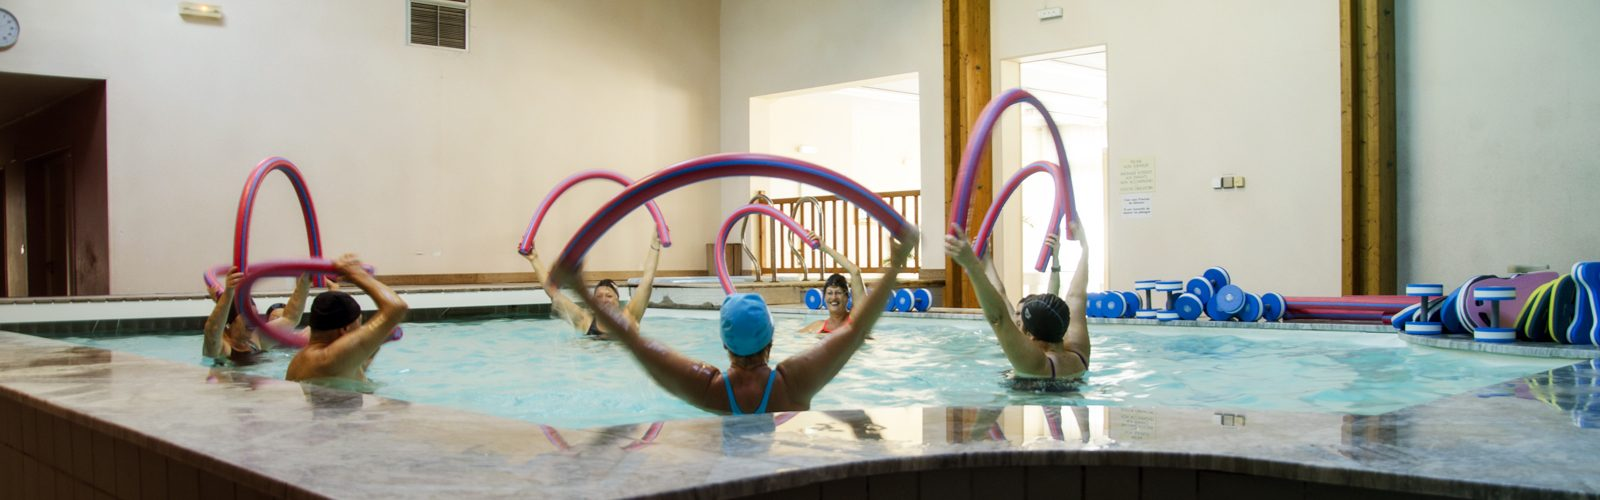 Activité de groupe dans la piscine intérieur du Grand Hôtel de la Poste à Massiac (15500).